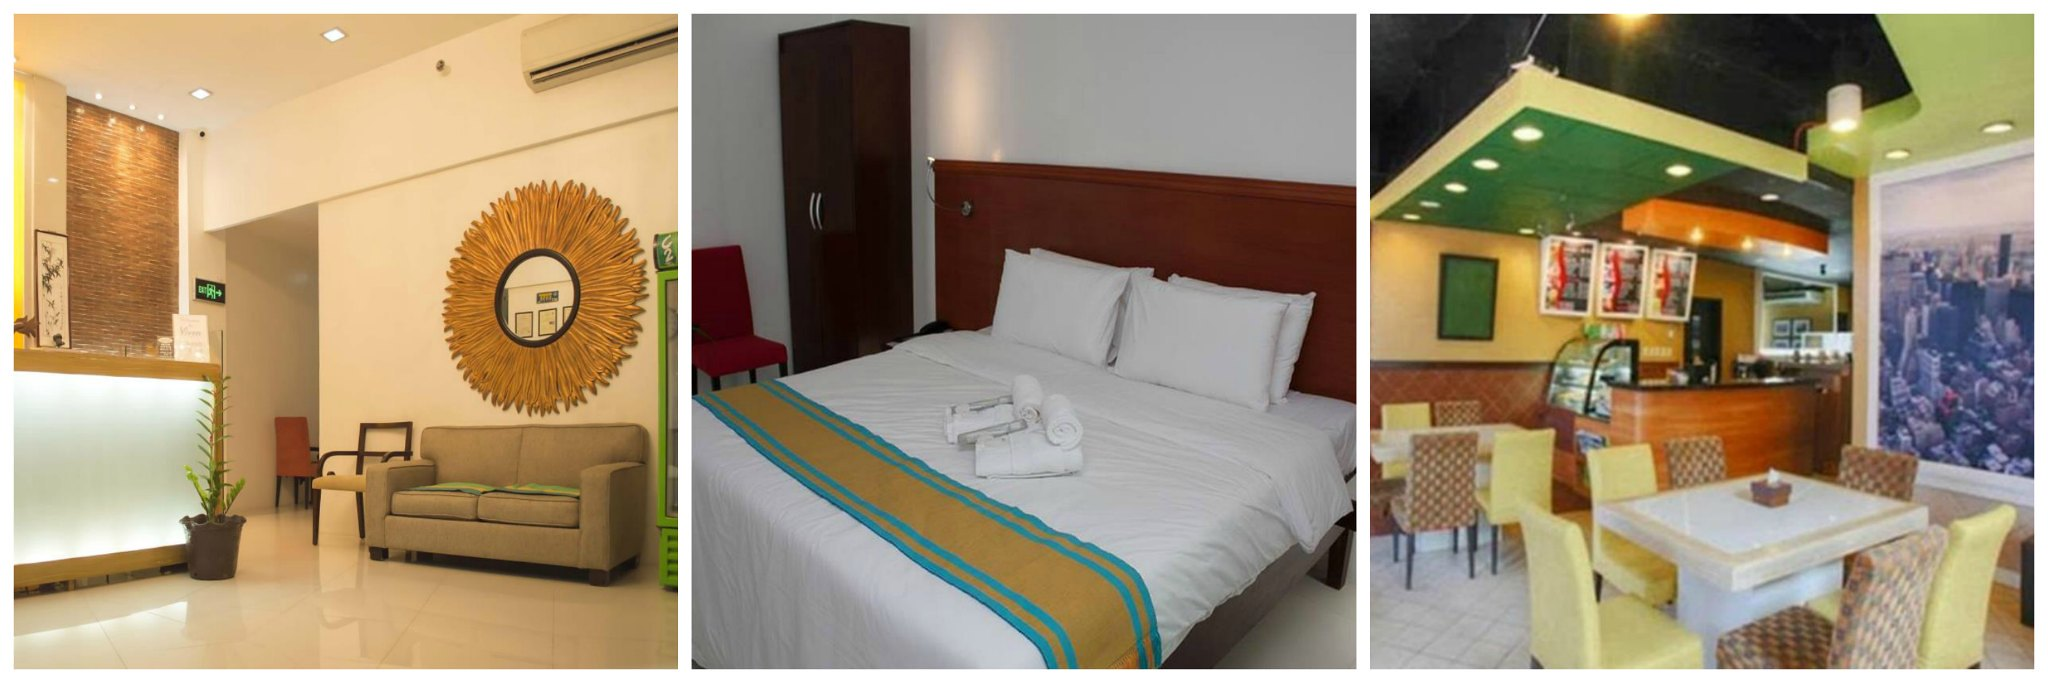 AGODA HOTEL VIVEN